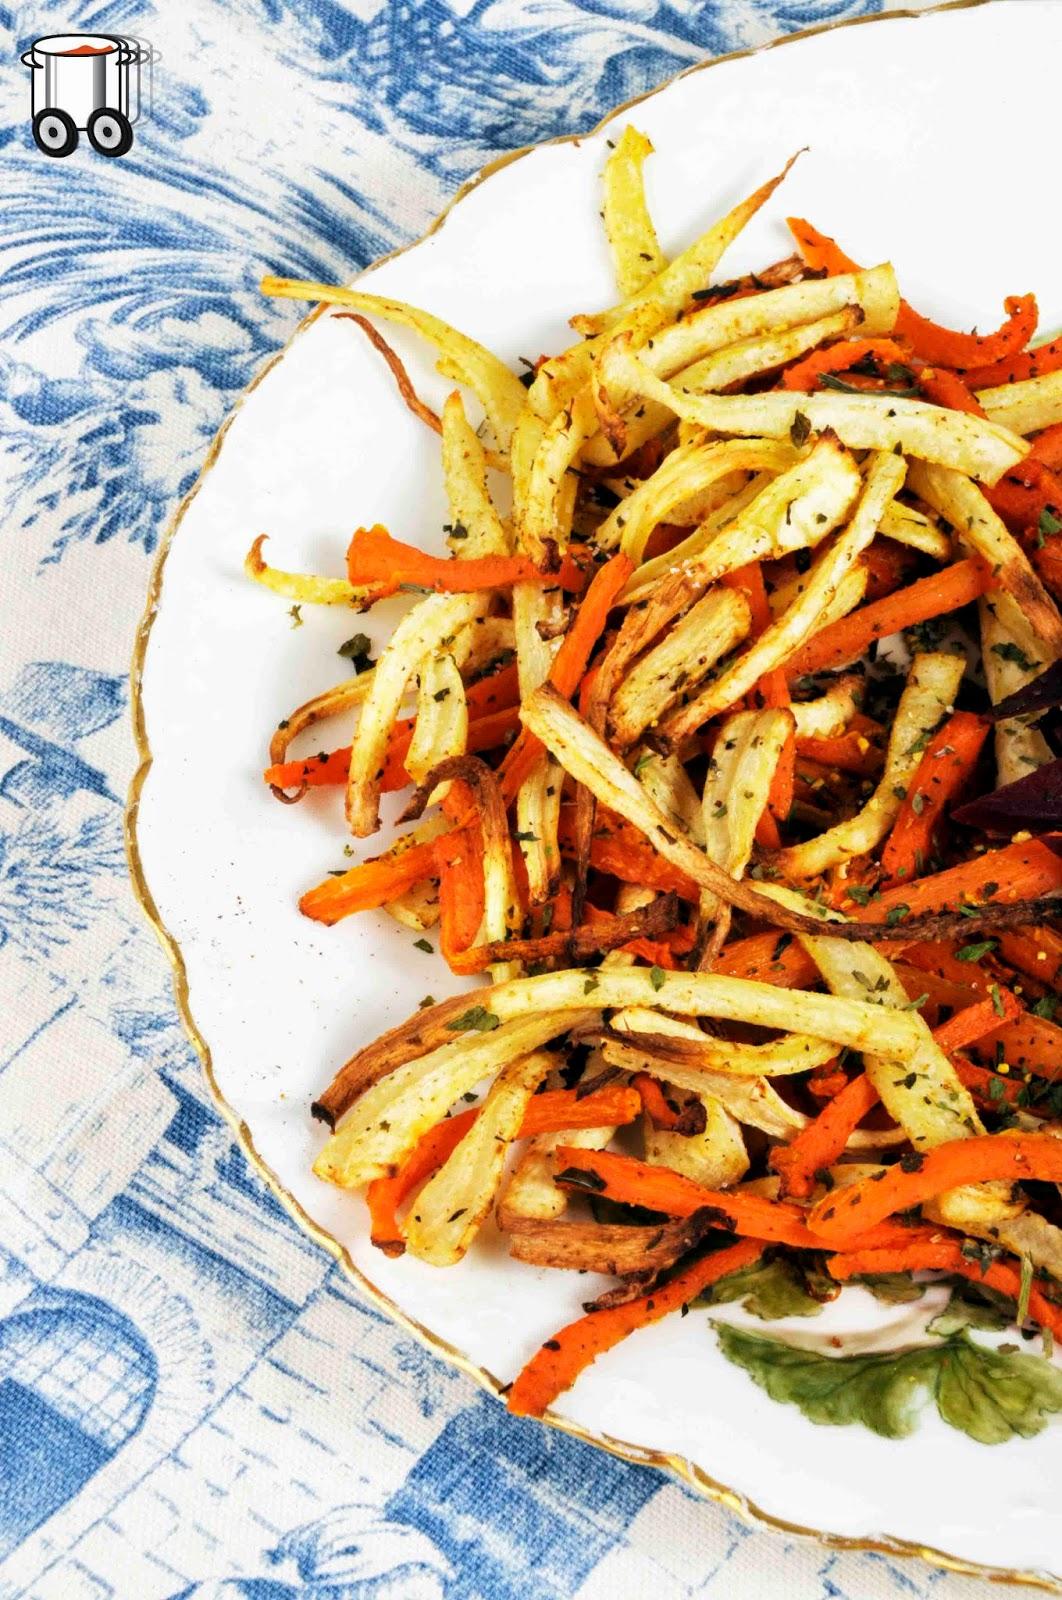 Szybko Tanio Smacznie - Domowe frytki z pietruszki i marchewki z lubczykiem